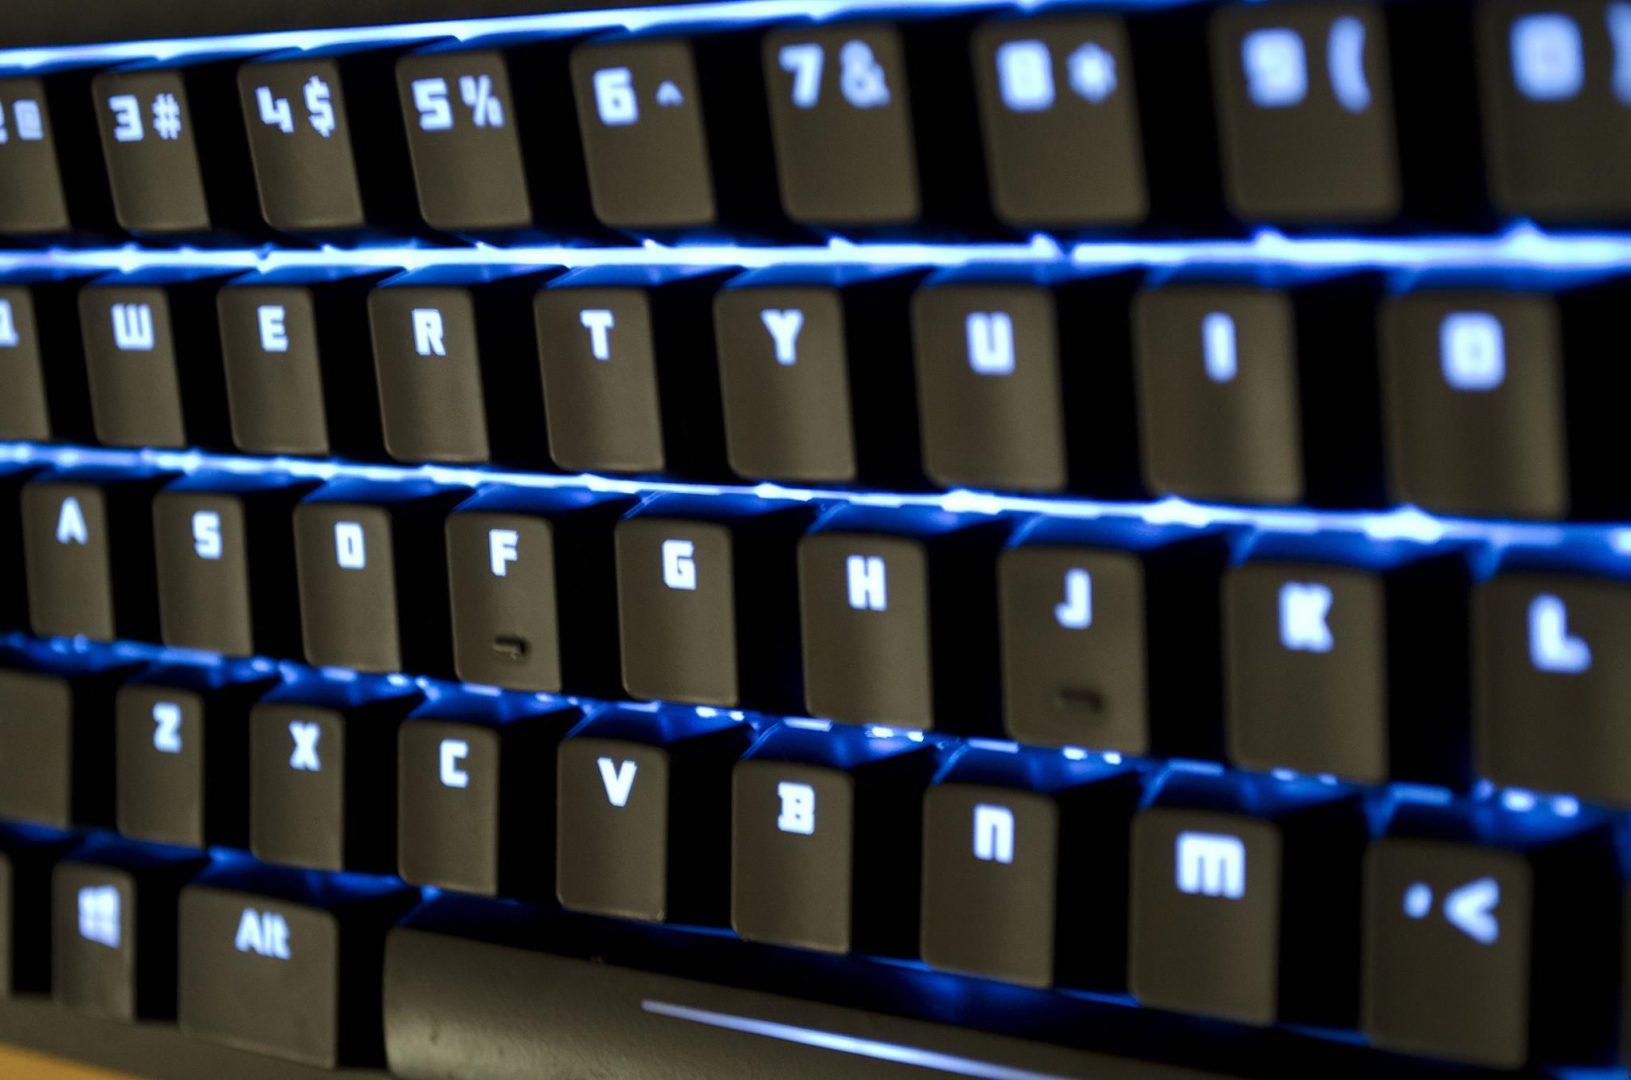 tesoro ecalibur spectrum mechanical gaming keyboard review_14